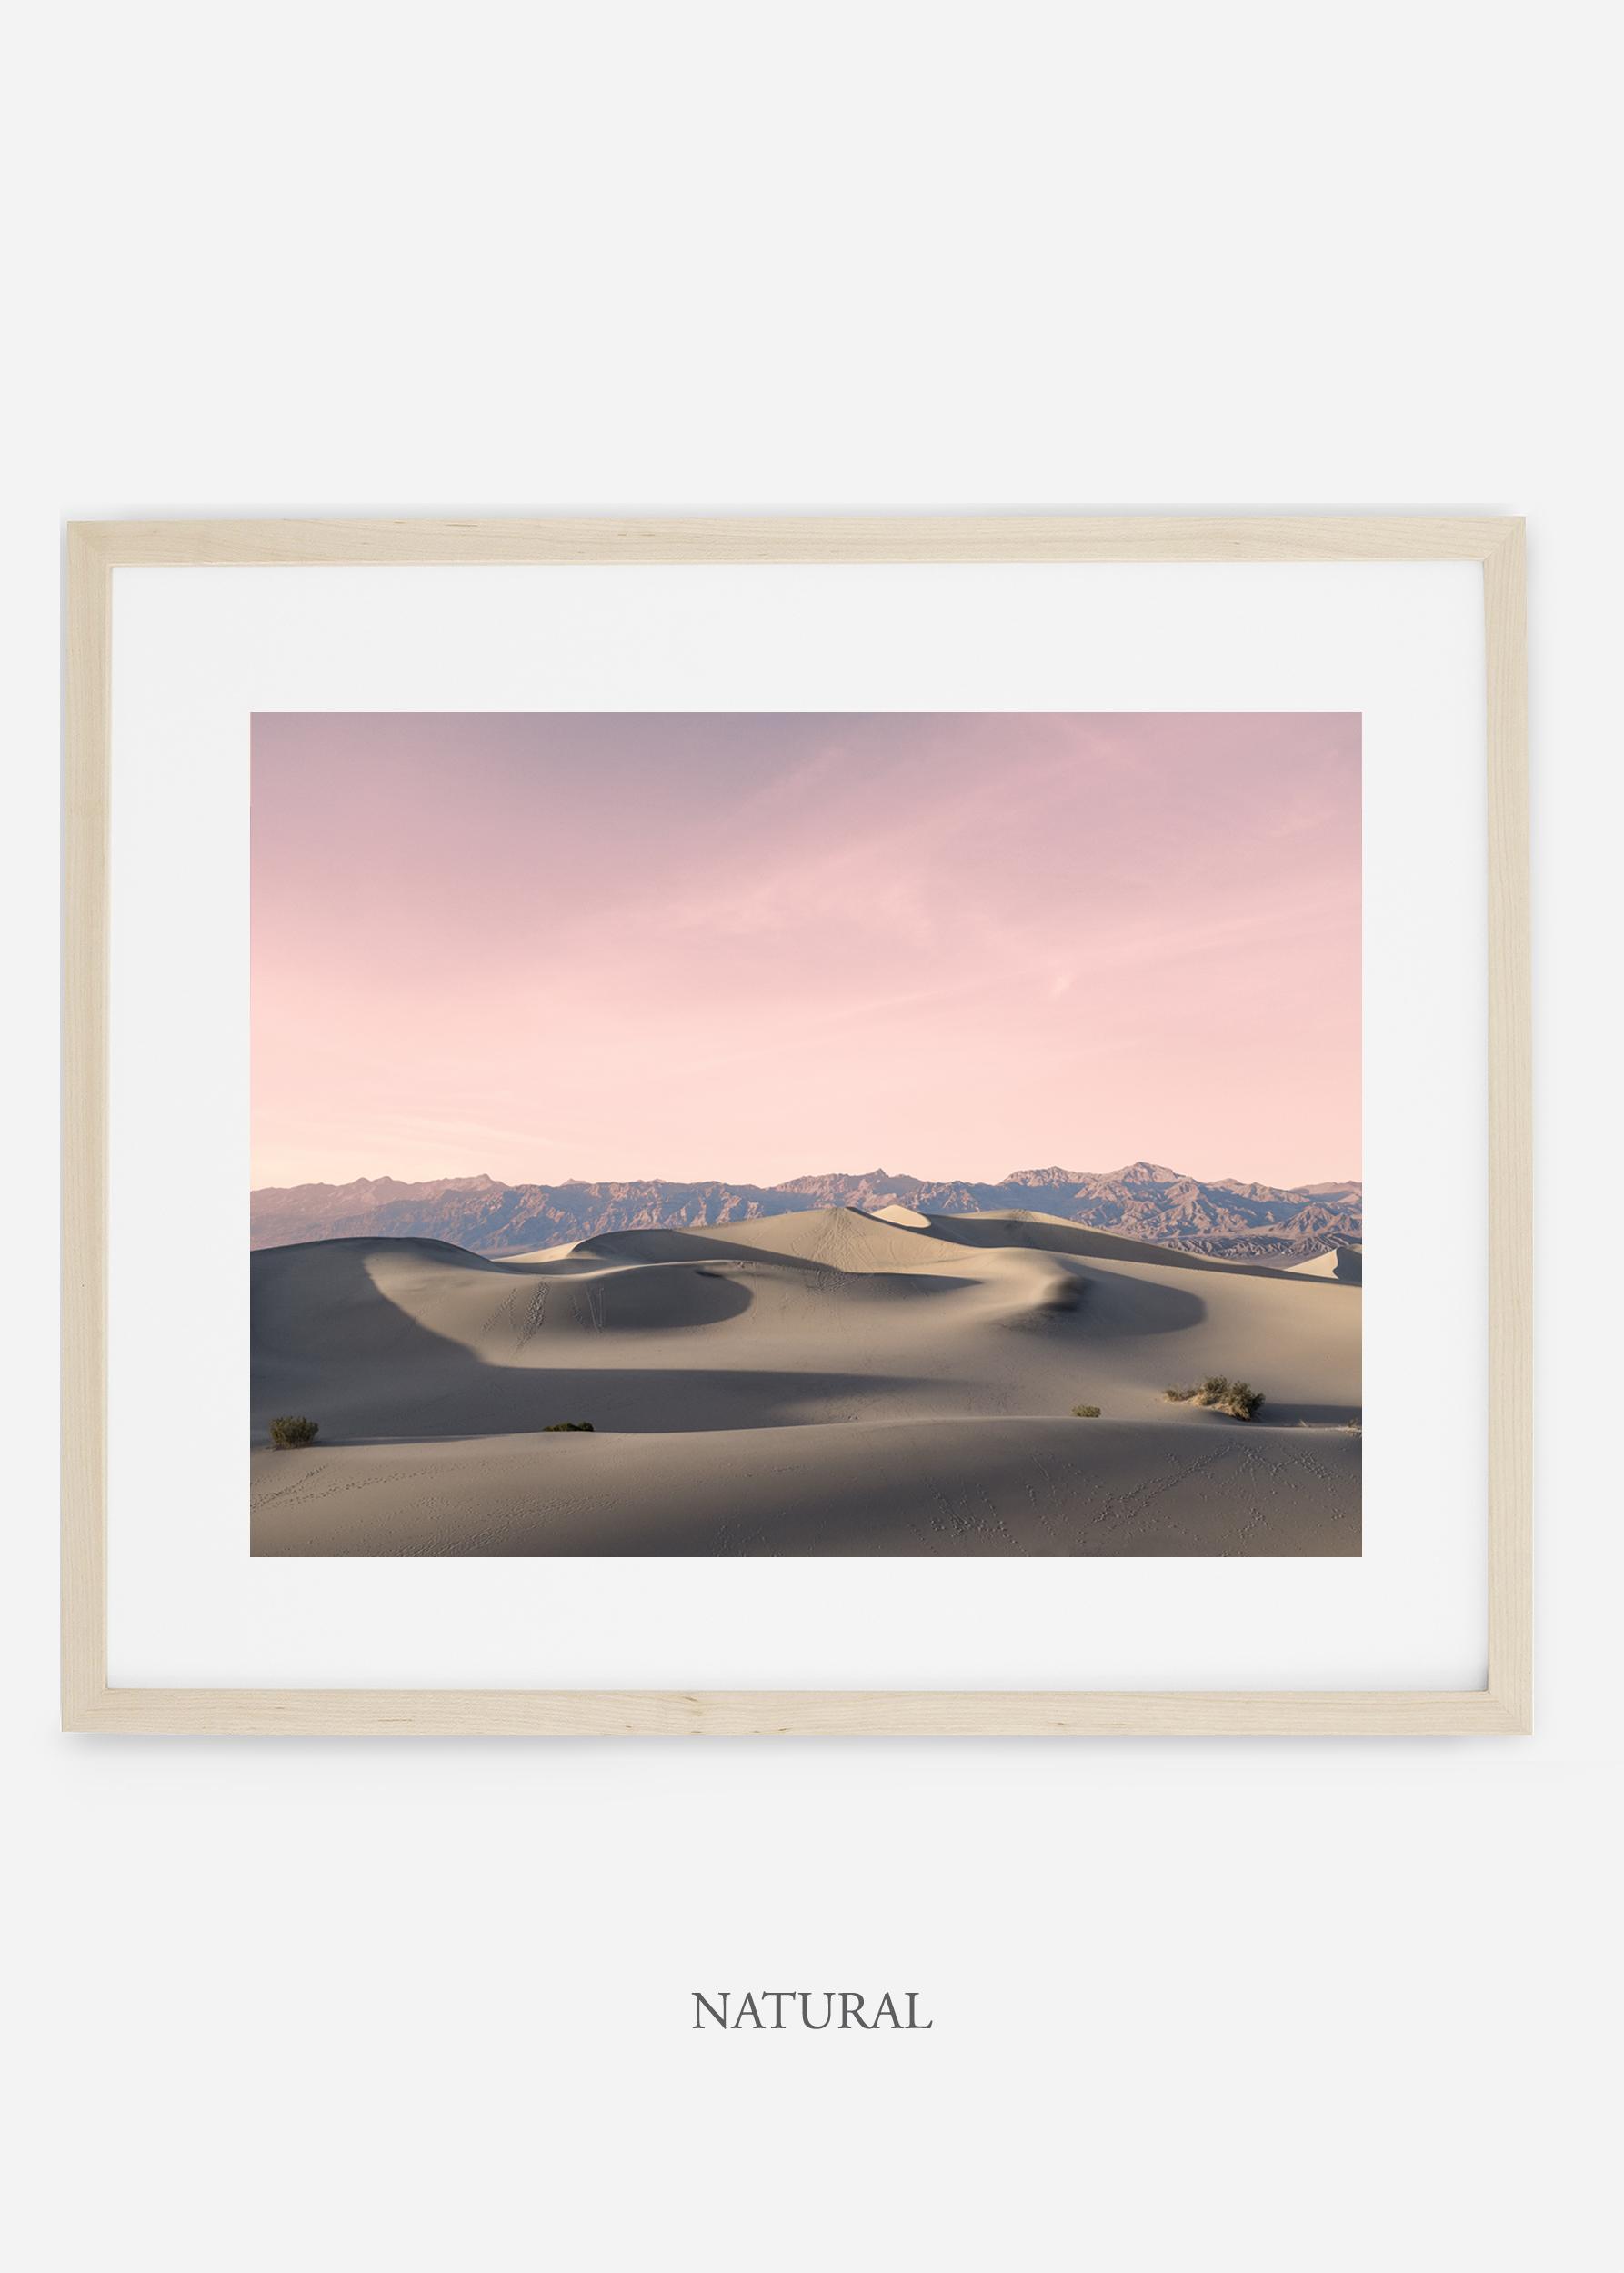 wildercalifornia_naturalframe_deathvalley_17_minimal_desert_art_interiordesign_blackandwhite.jpg